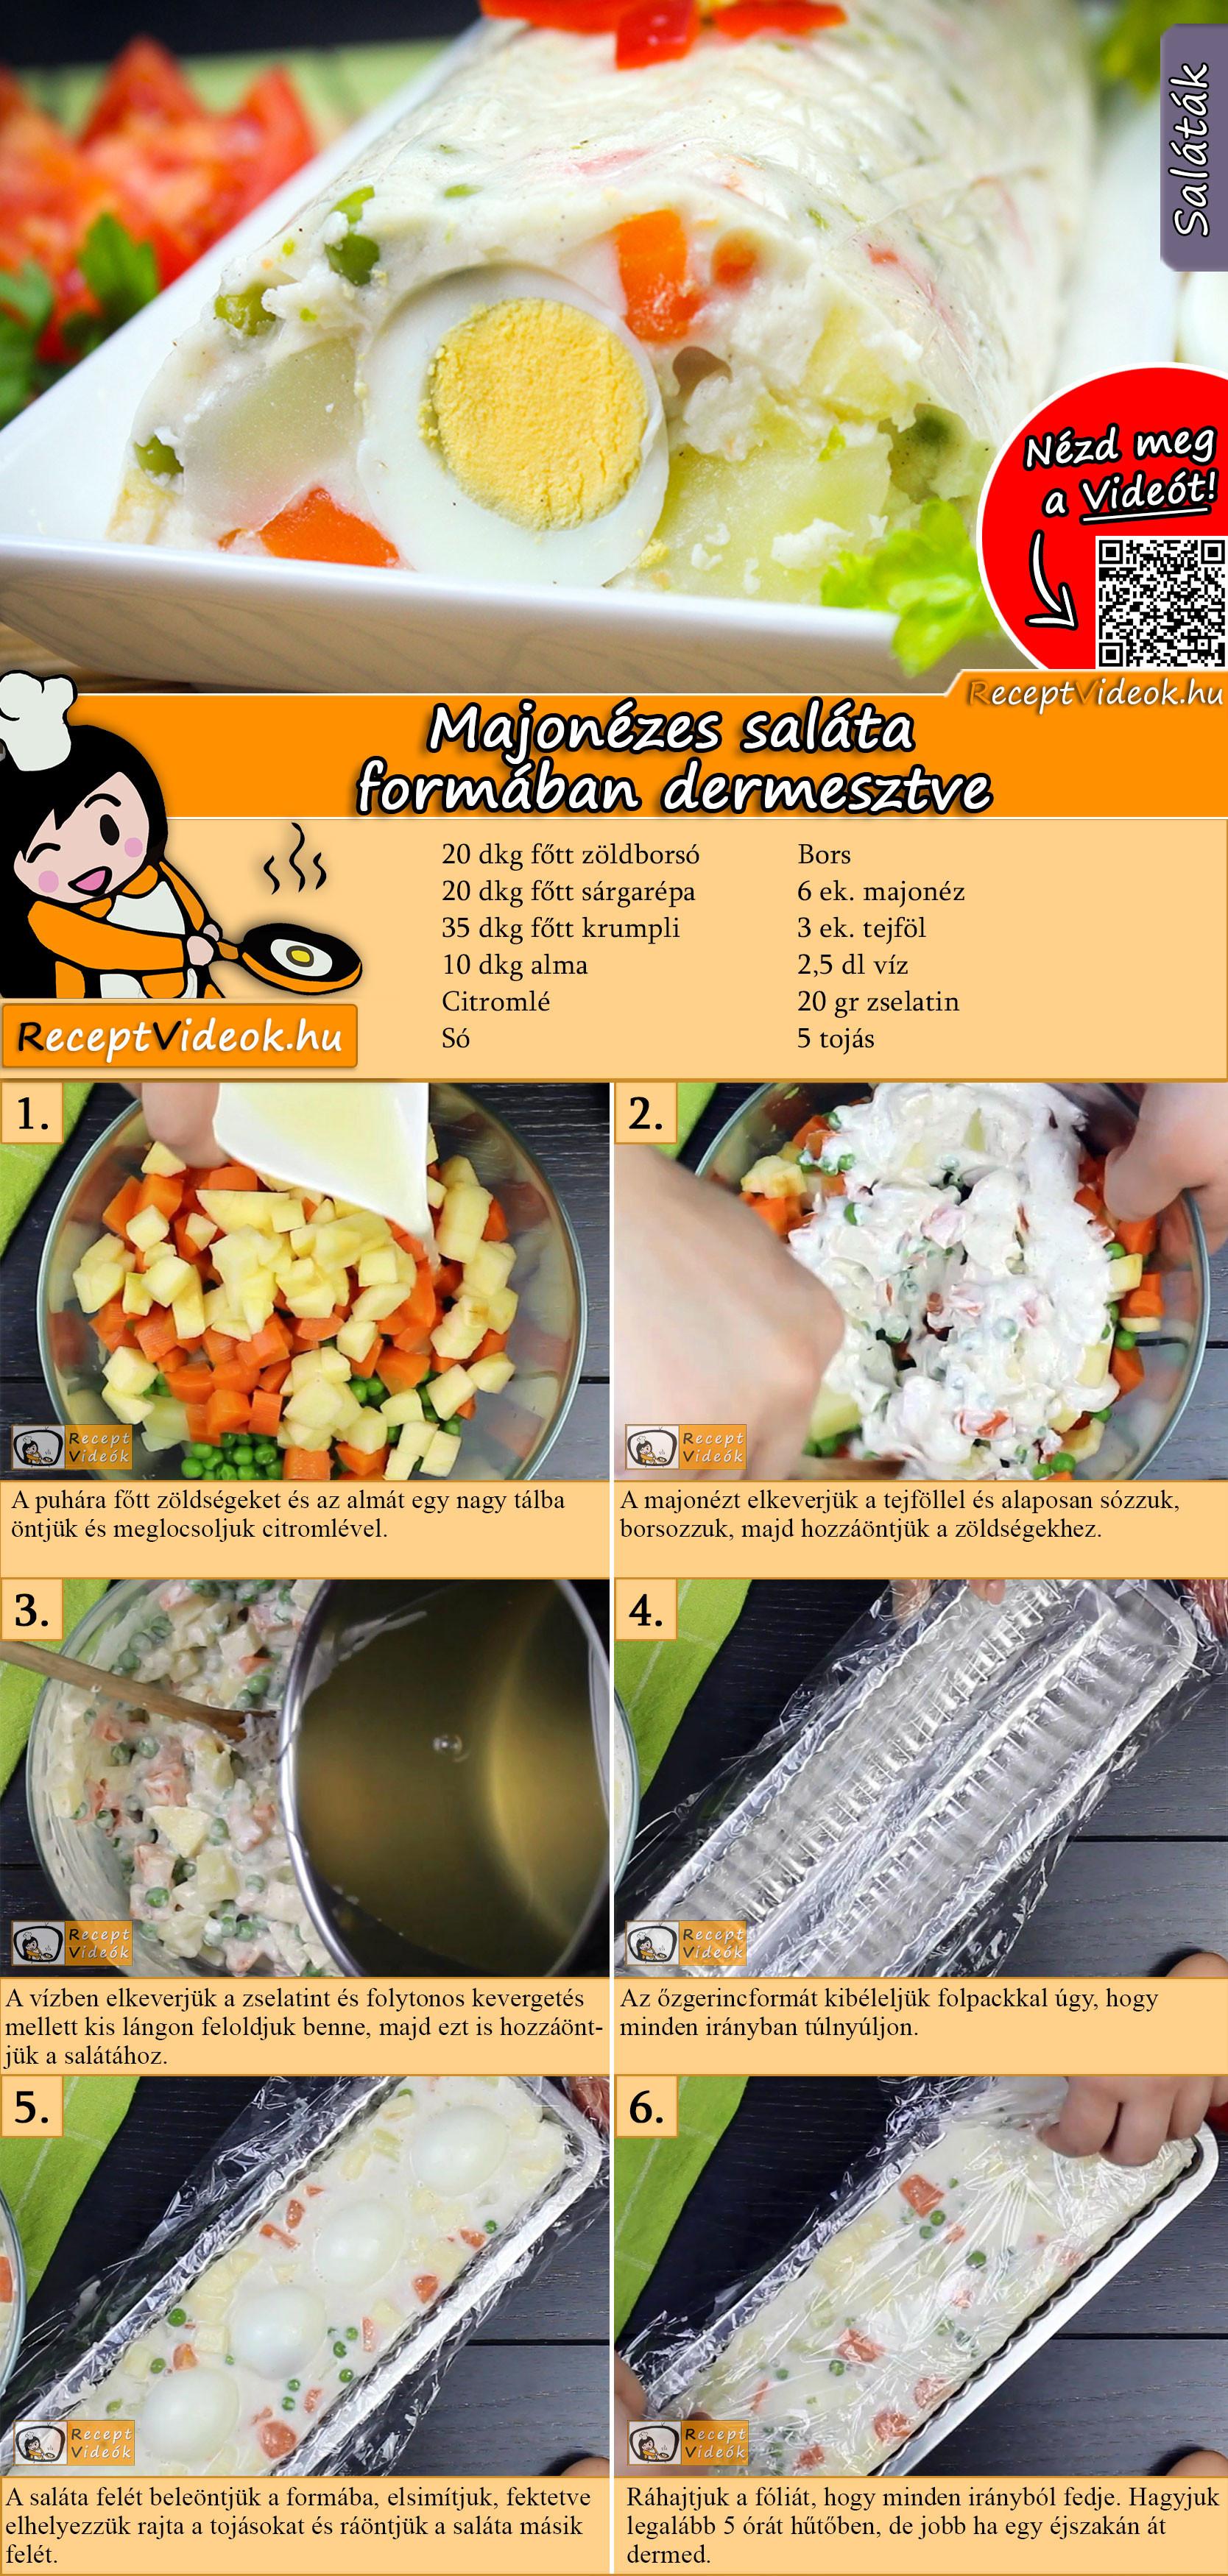 Majonézes saláta formában dermesztve recept elkészítése videóval